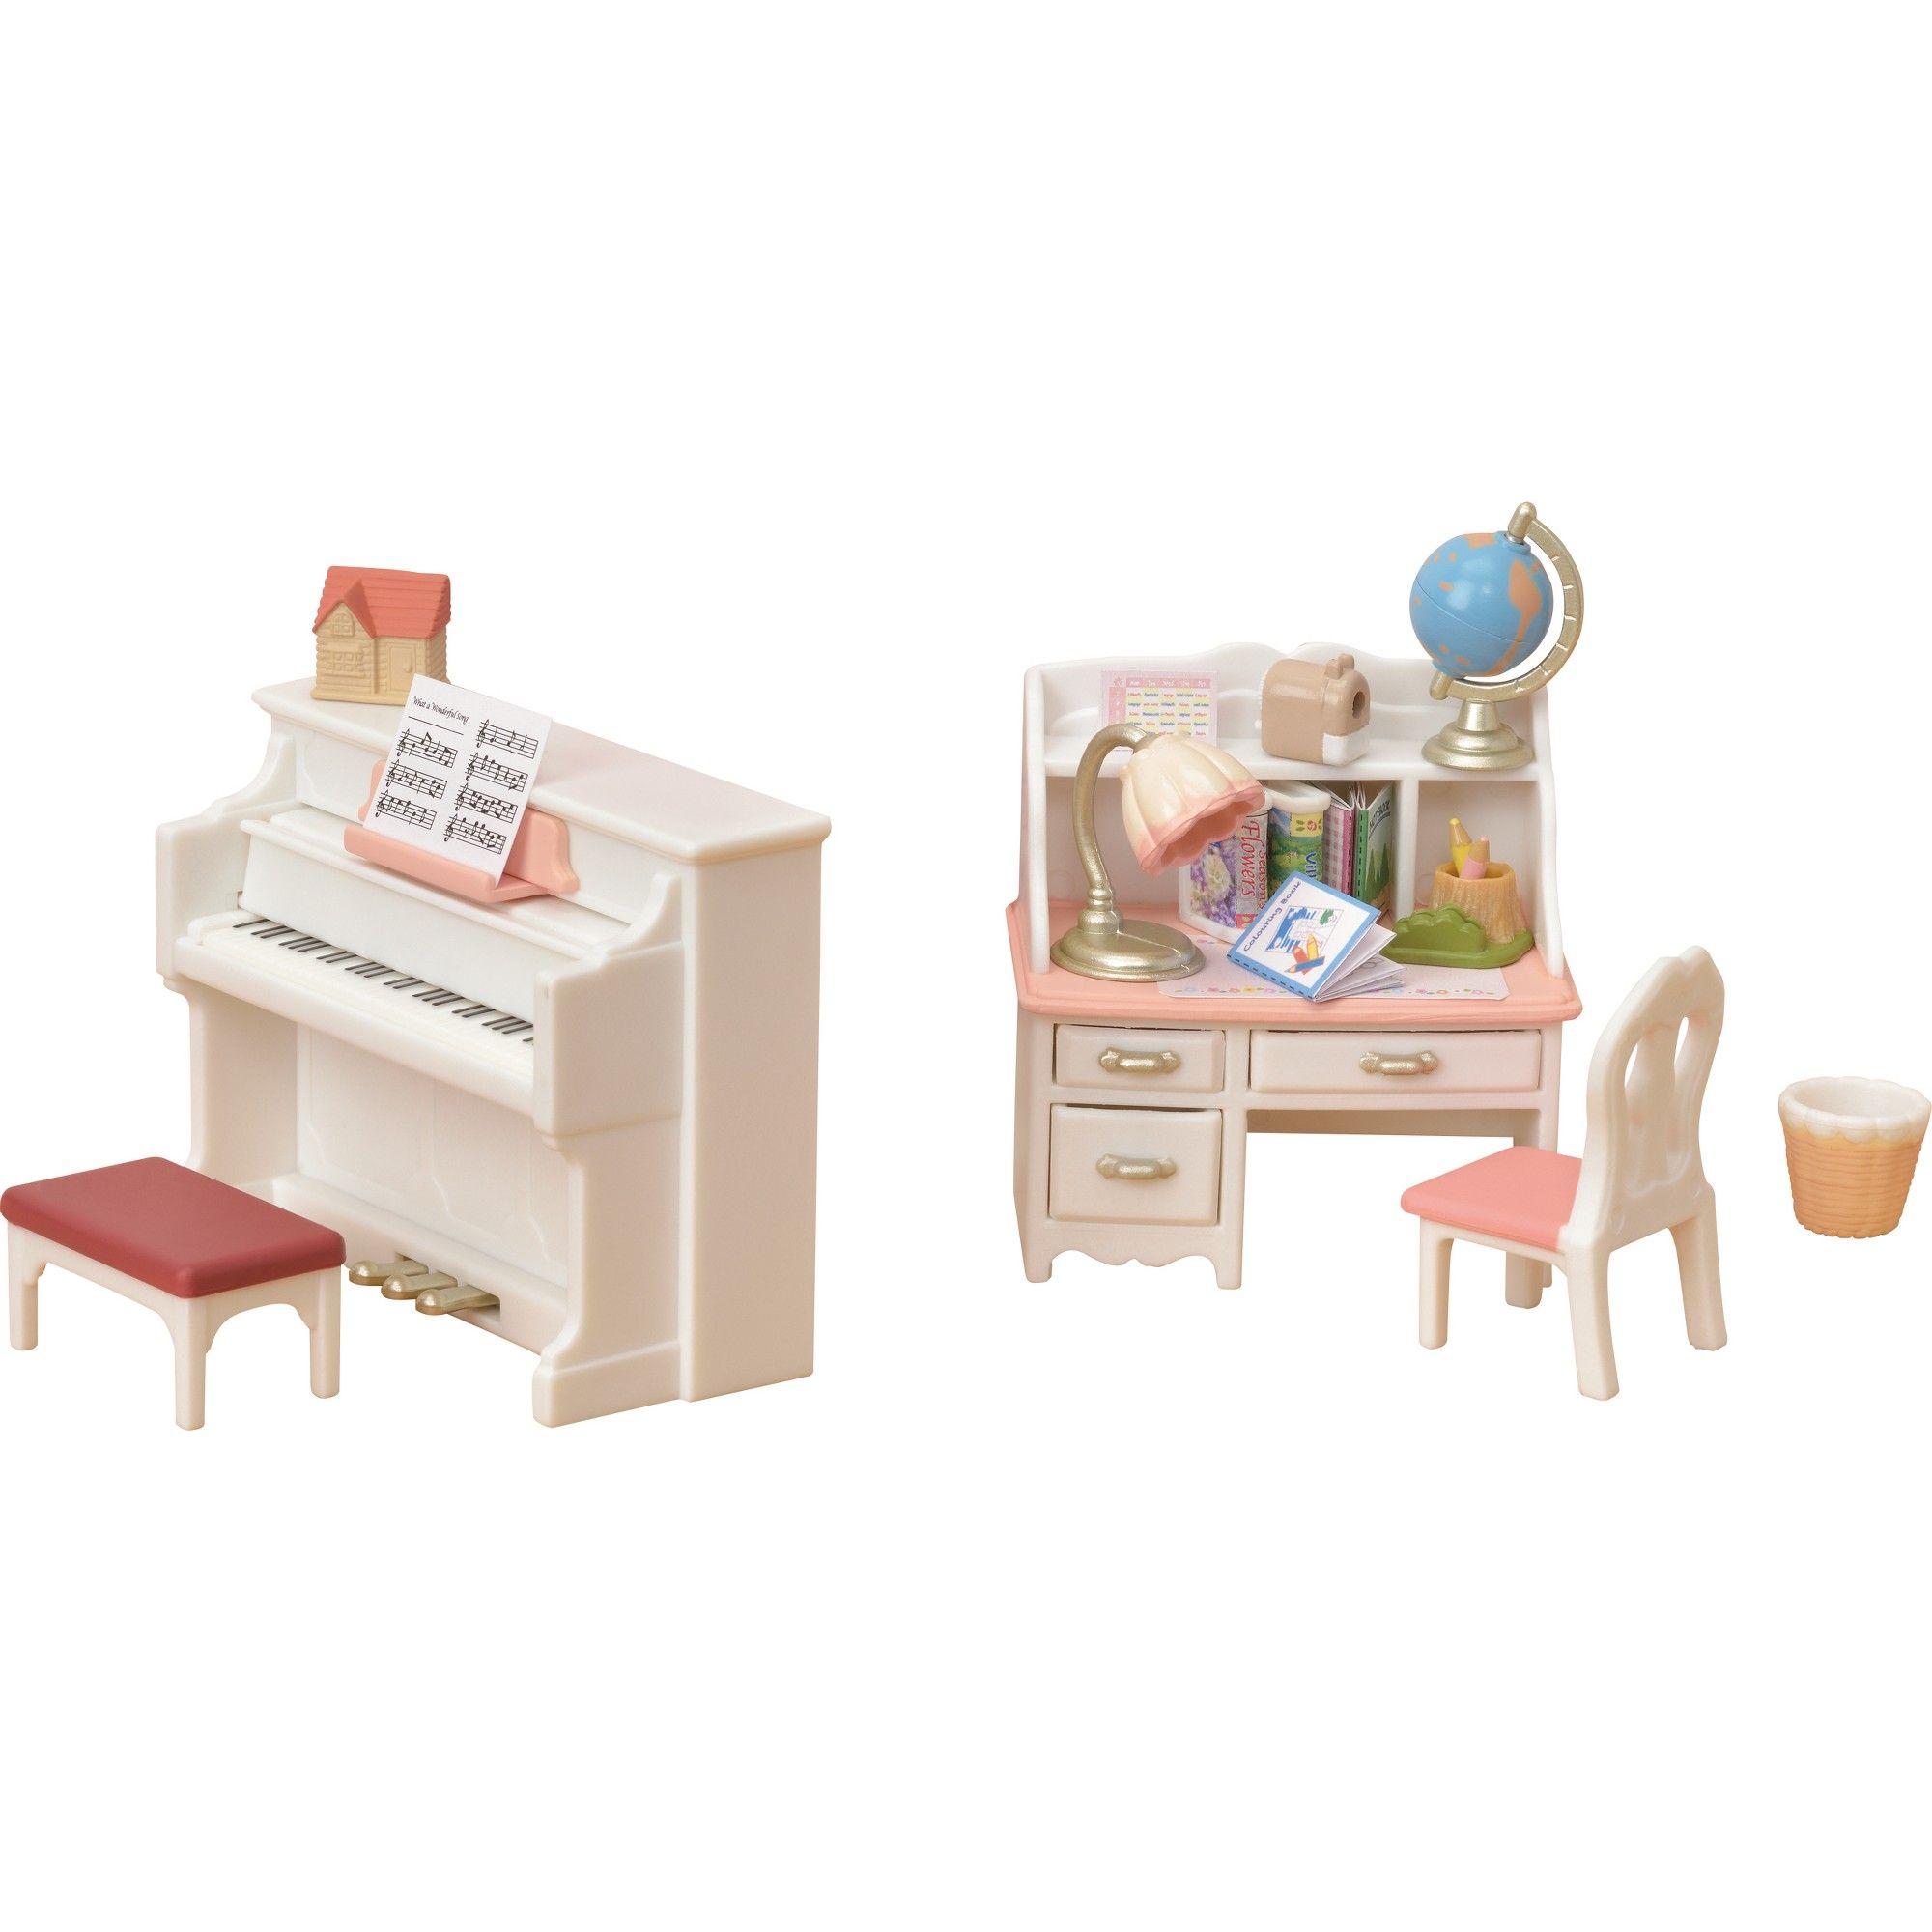 Calico Critters Piano and Desk Set in 2020 Piano desk